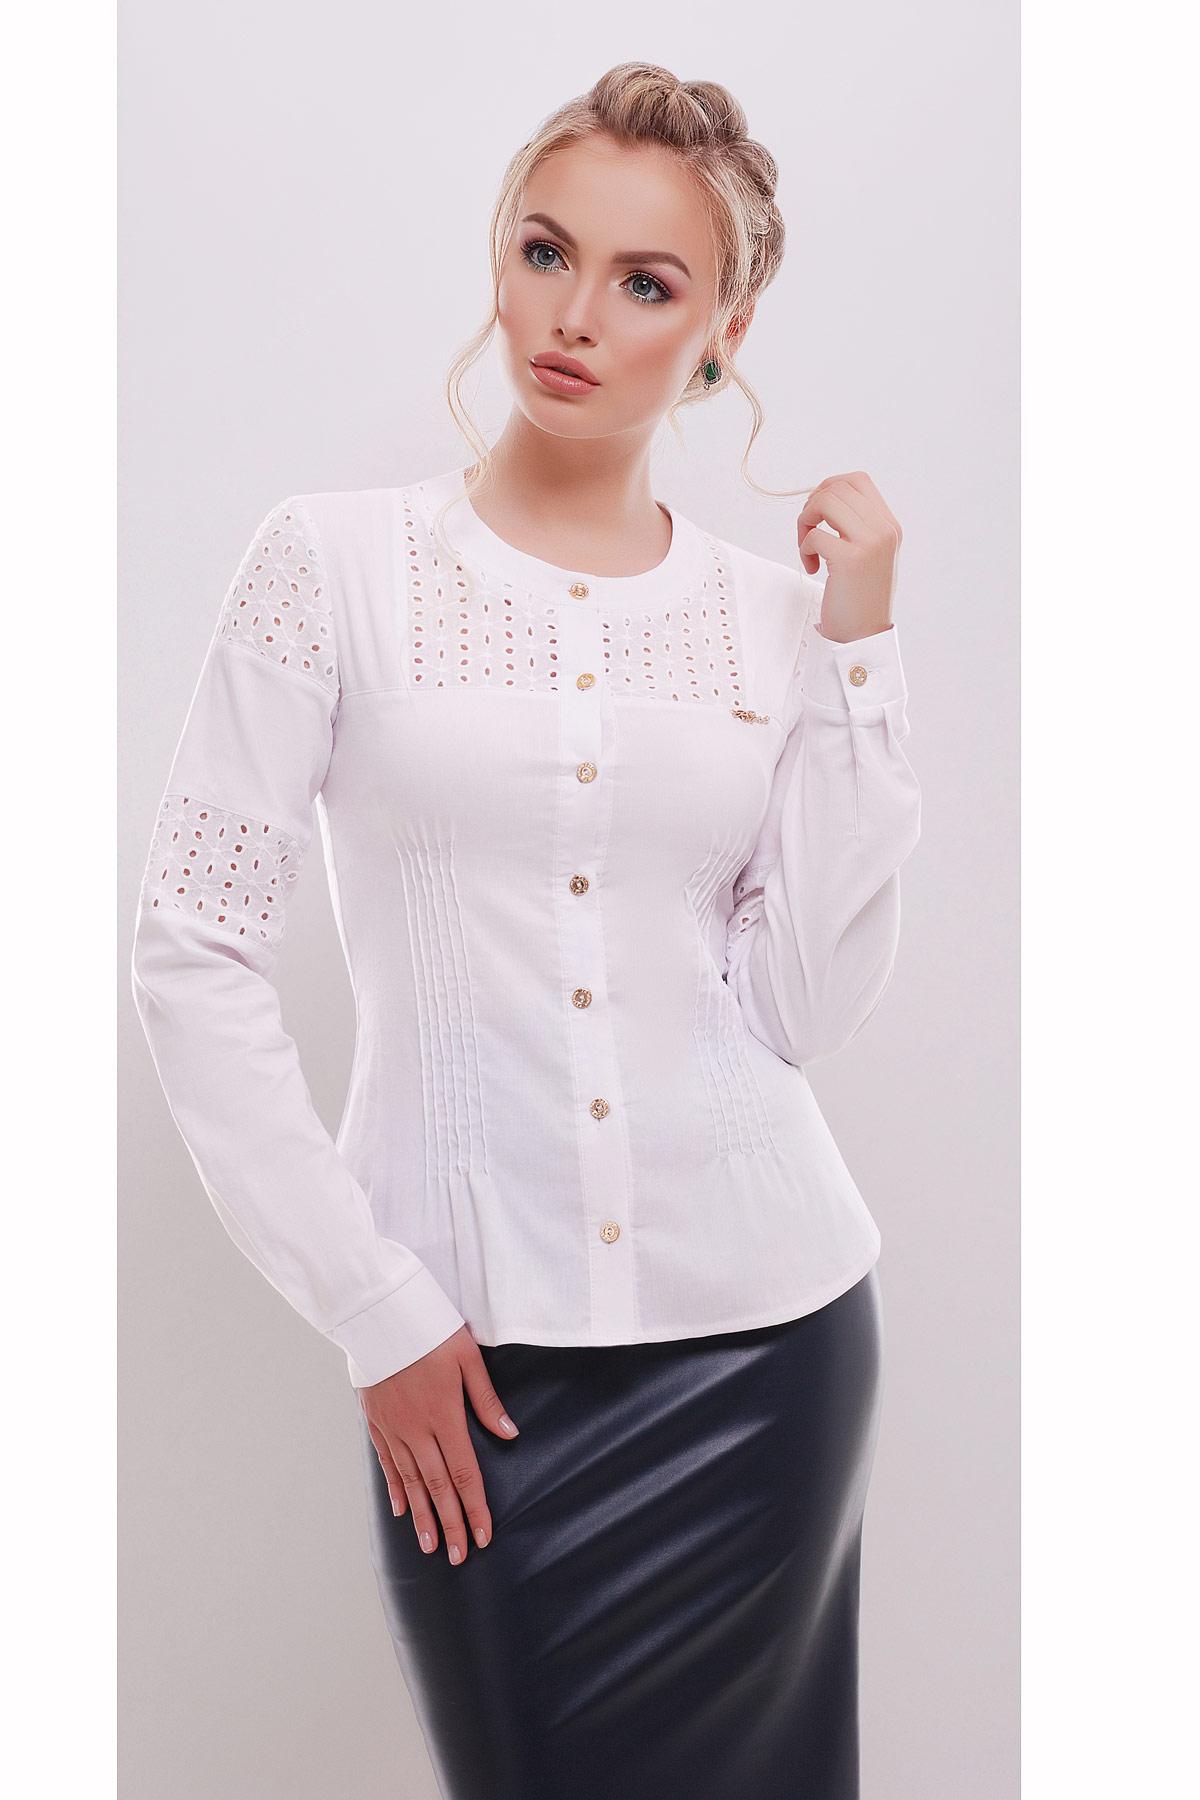 Где купить белую женскую блузку